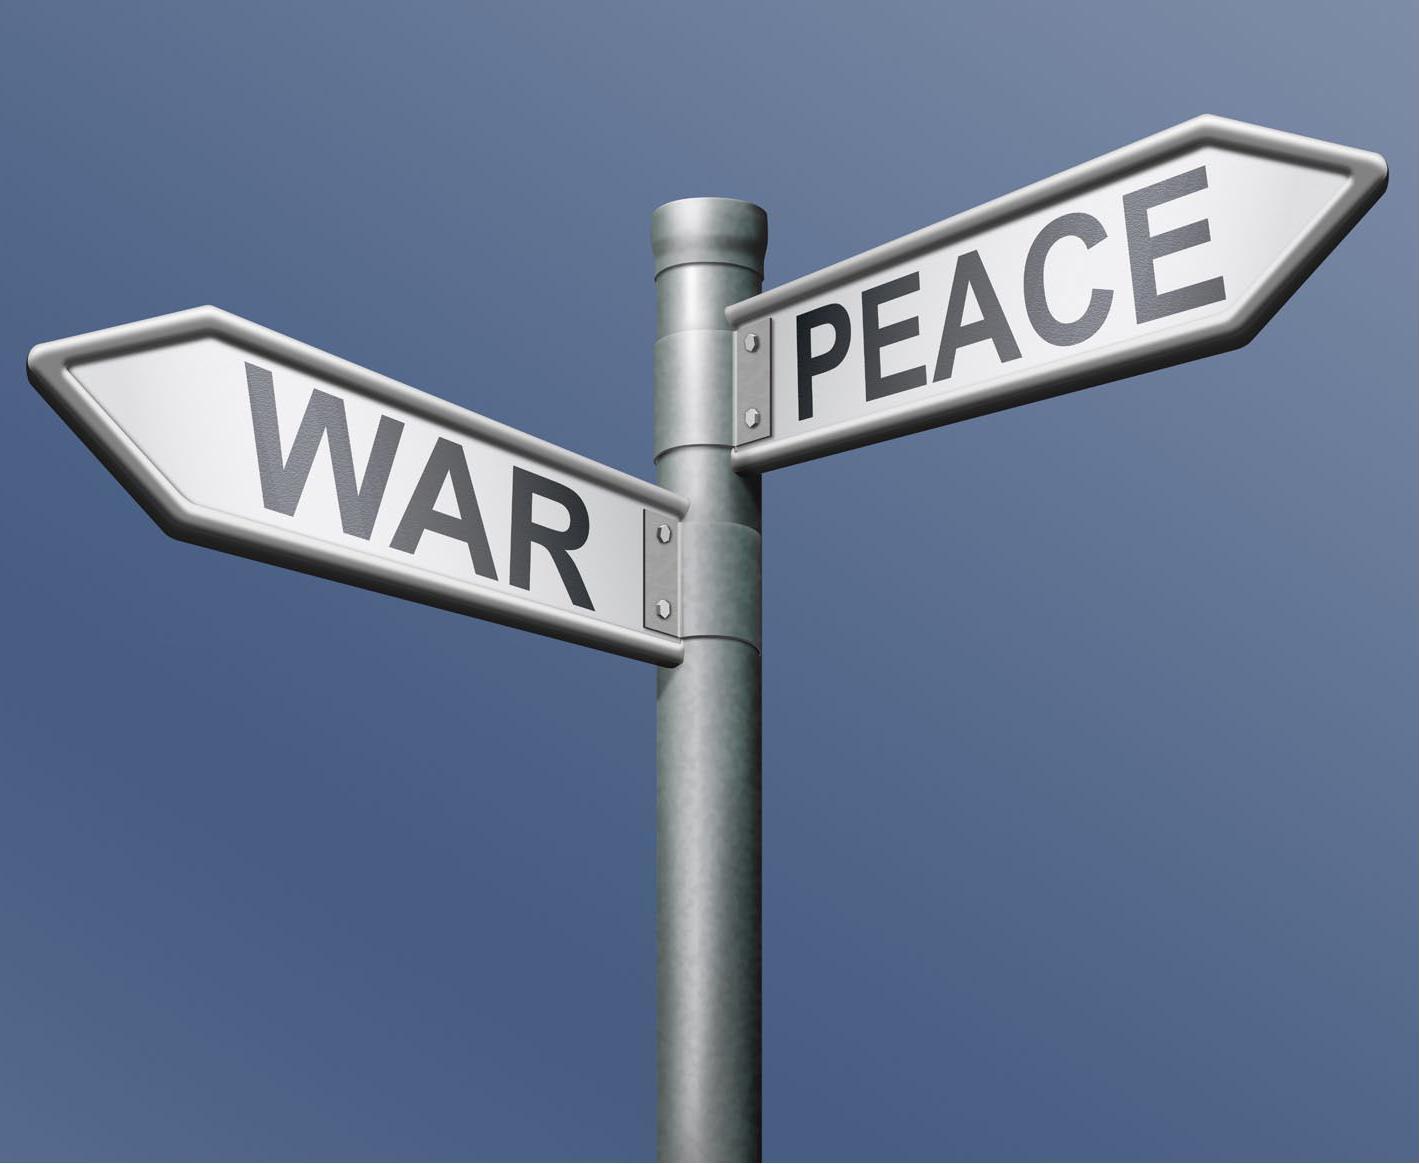 High Resolution Wallpaper | War & Peace 1419x1164 px